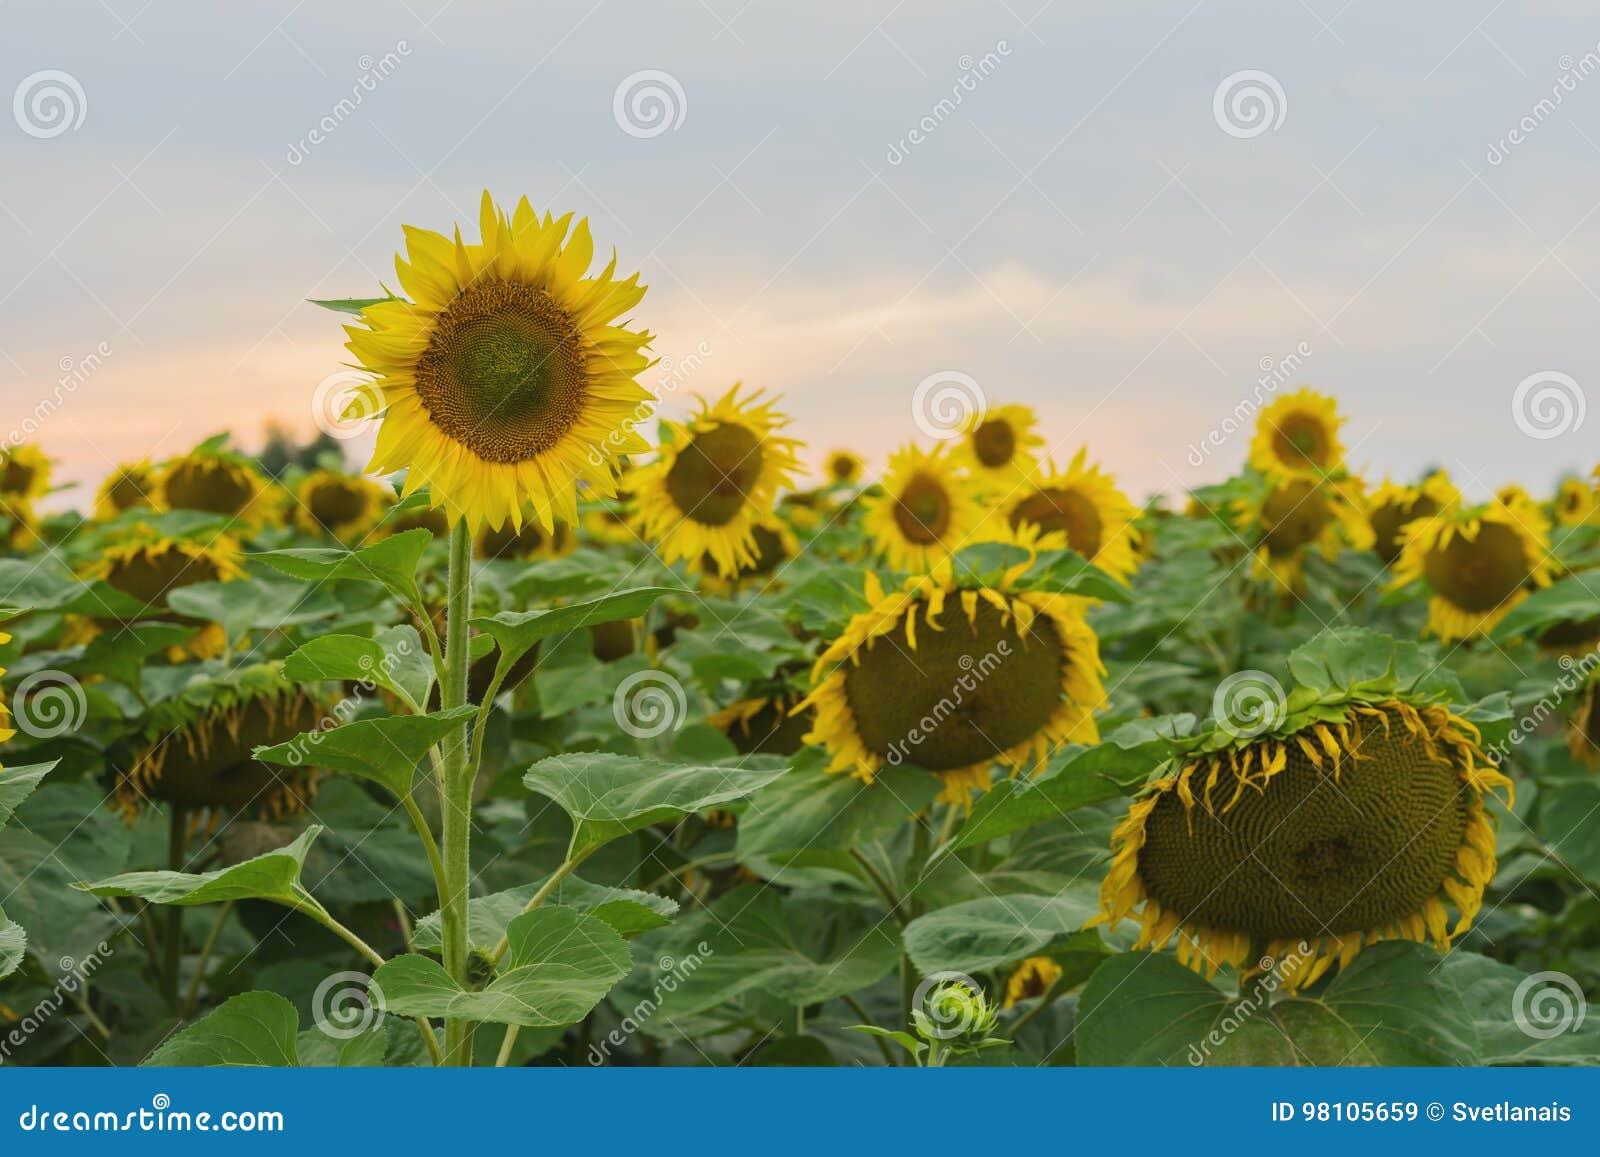 1f9eee8a19 Feld von Bauernhofsonnenblumen gegen den Hintergrund des Sonnenuntergangs  am August-Abend nach dem Regen Schöner Sommerhintergrund auf verschiedenen  Themen